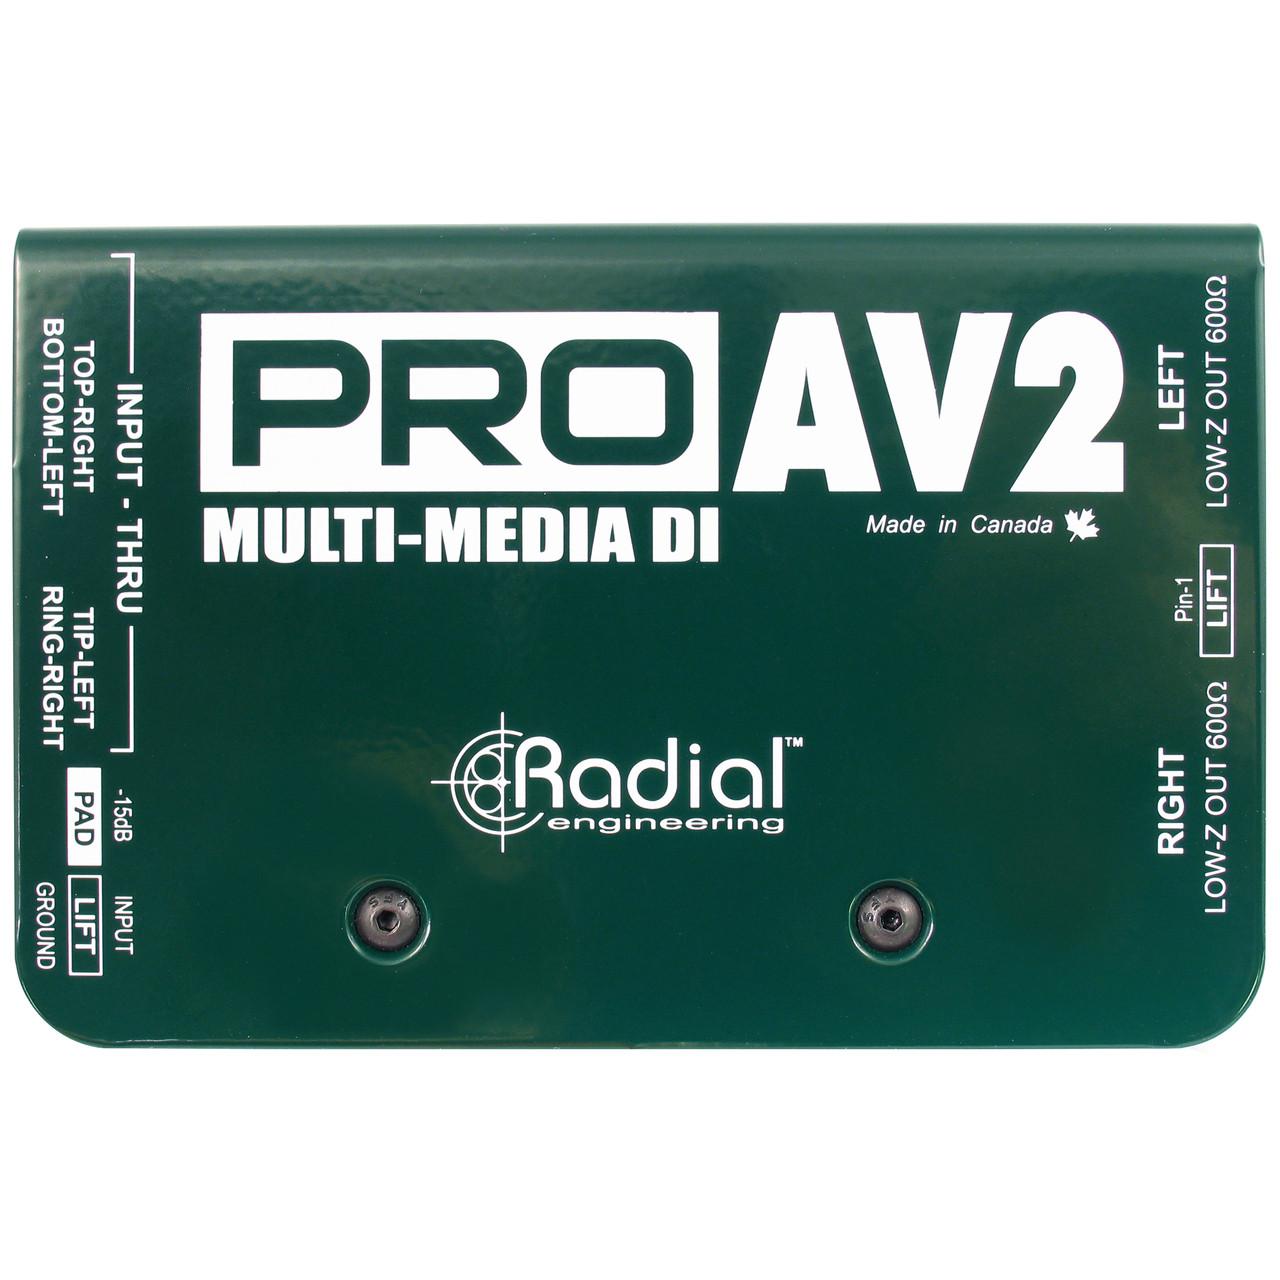 Pro AV2 (Top)